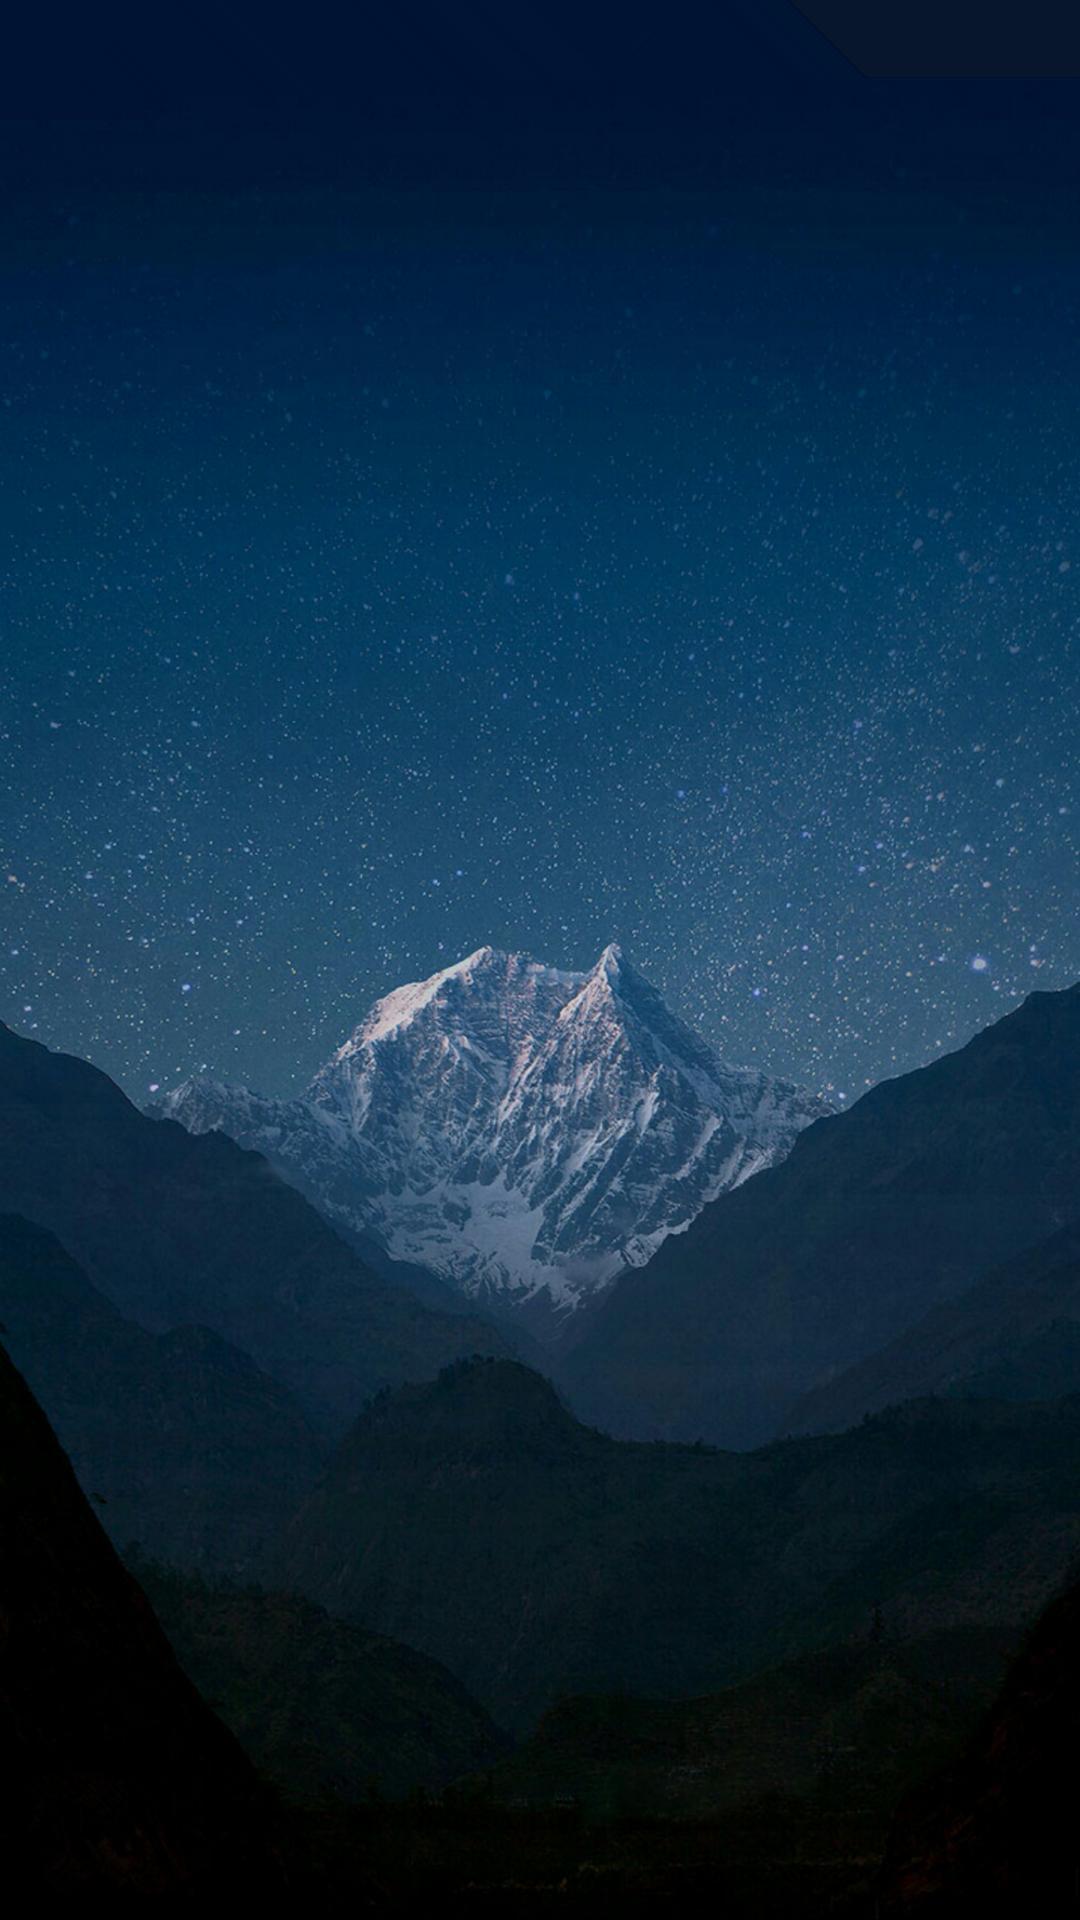 求一个go桌面带的壁纸 星空雪山 如图所示 请大家帮忙图片